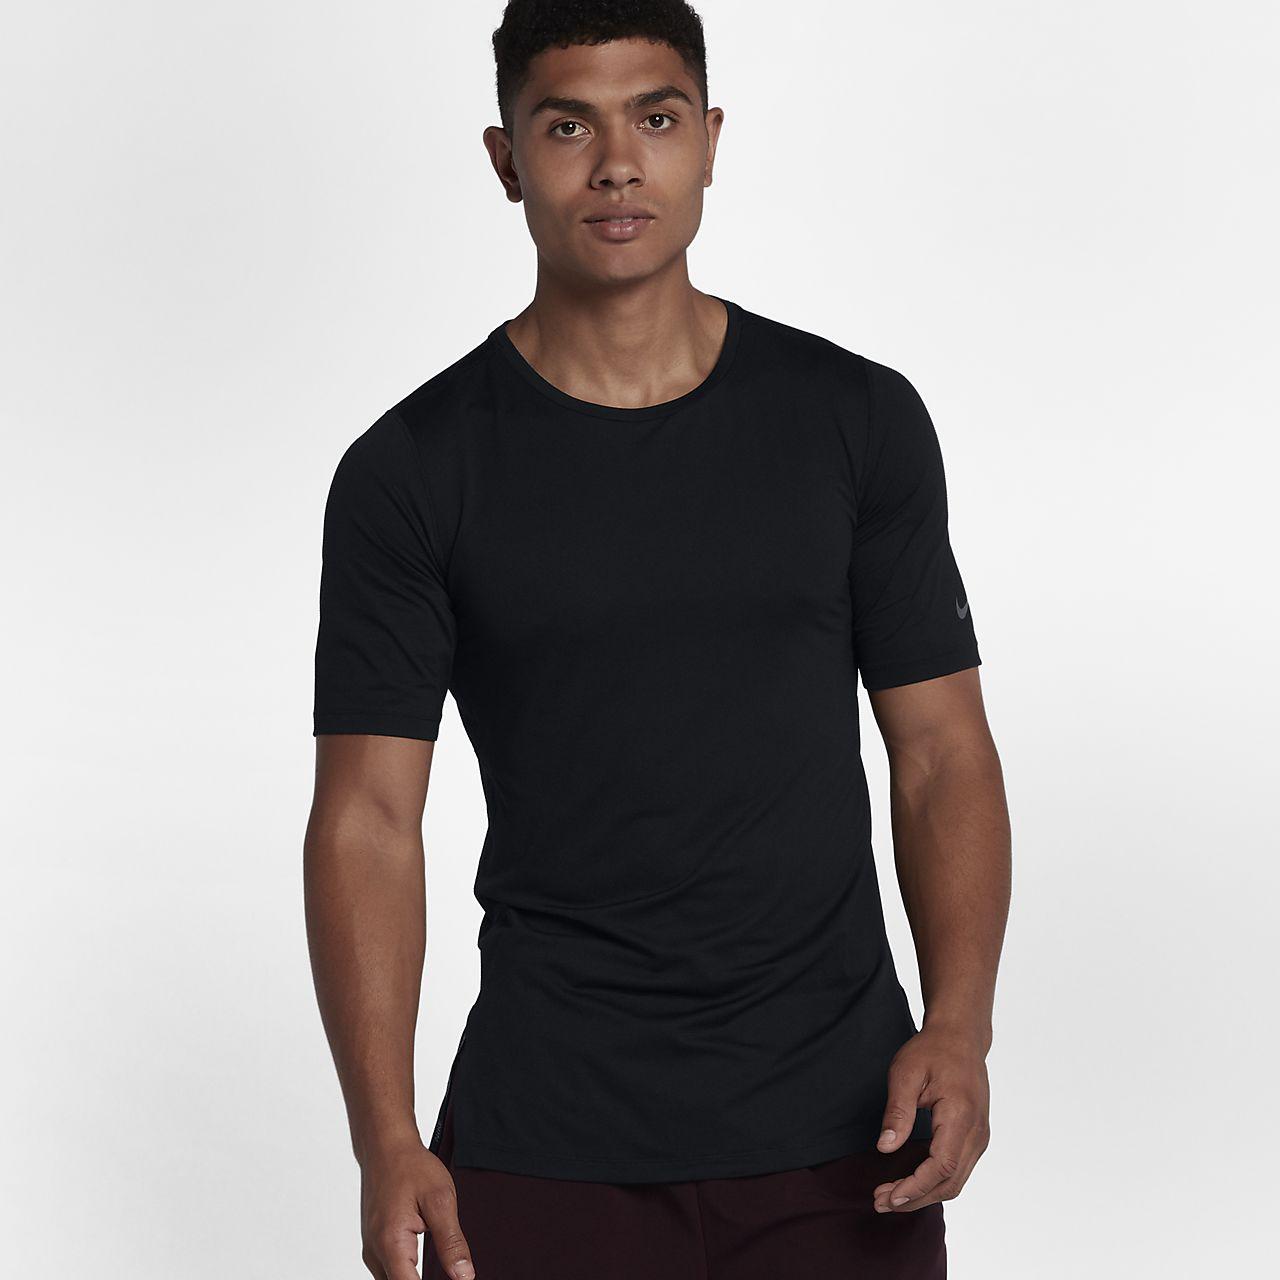 8583ed7d0b919 Haut de training à manches courtes Nike Dri-FIT pour Homme. Nike.com FR